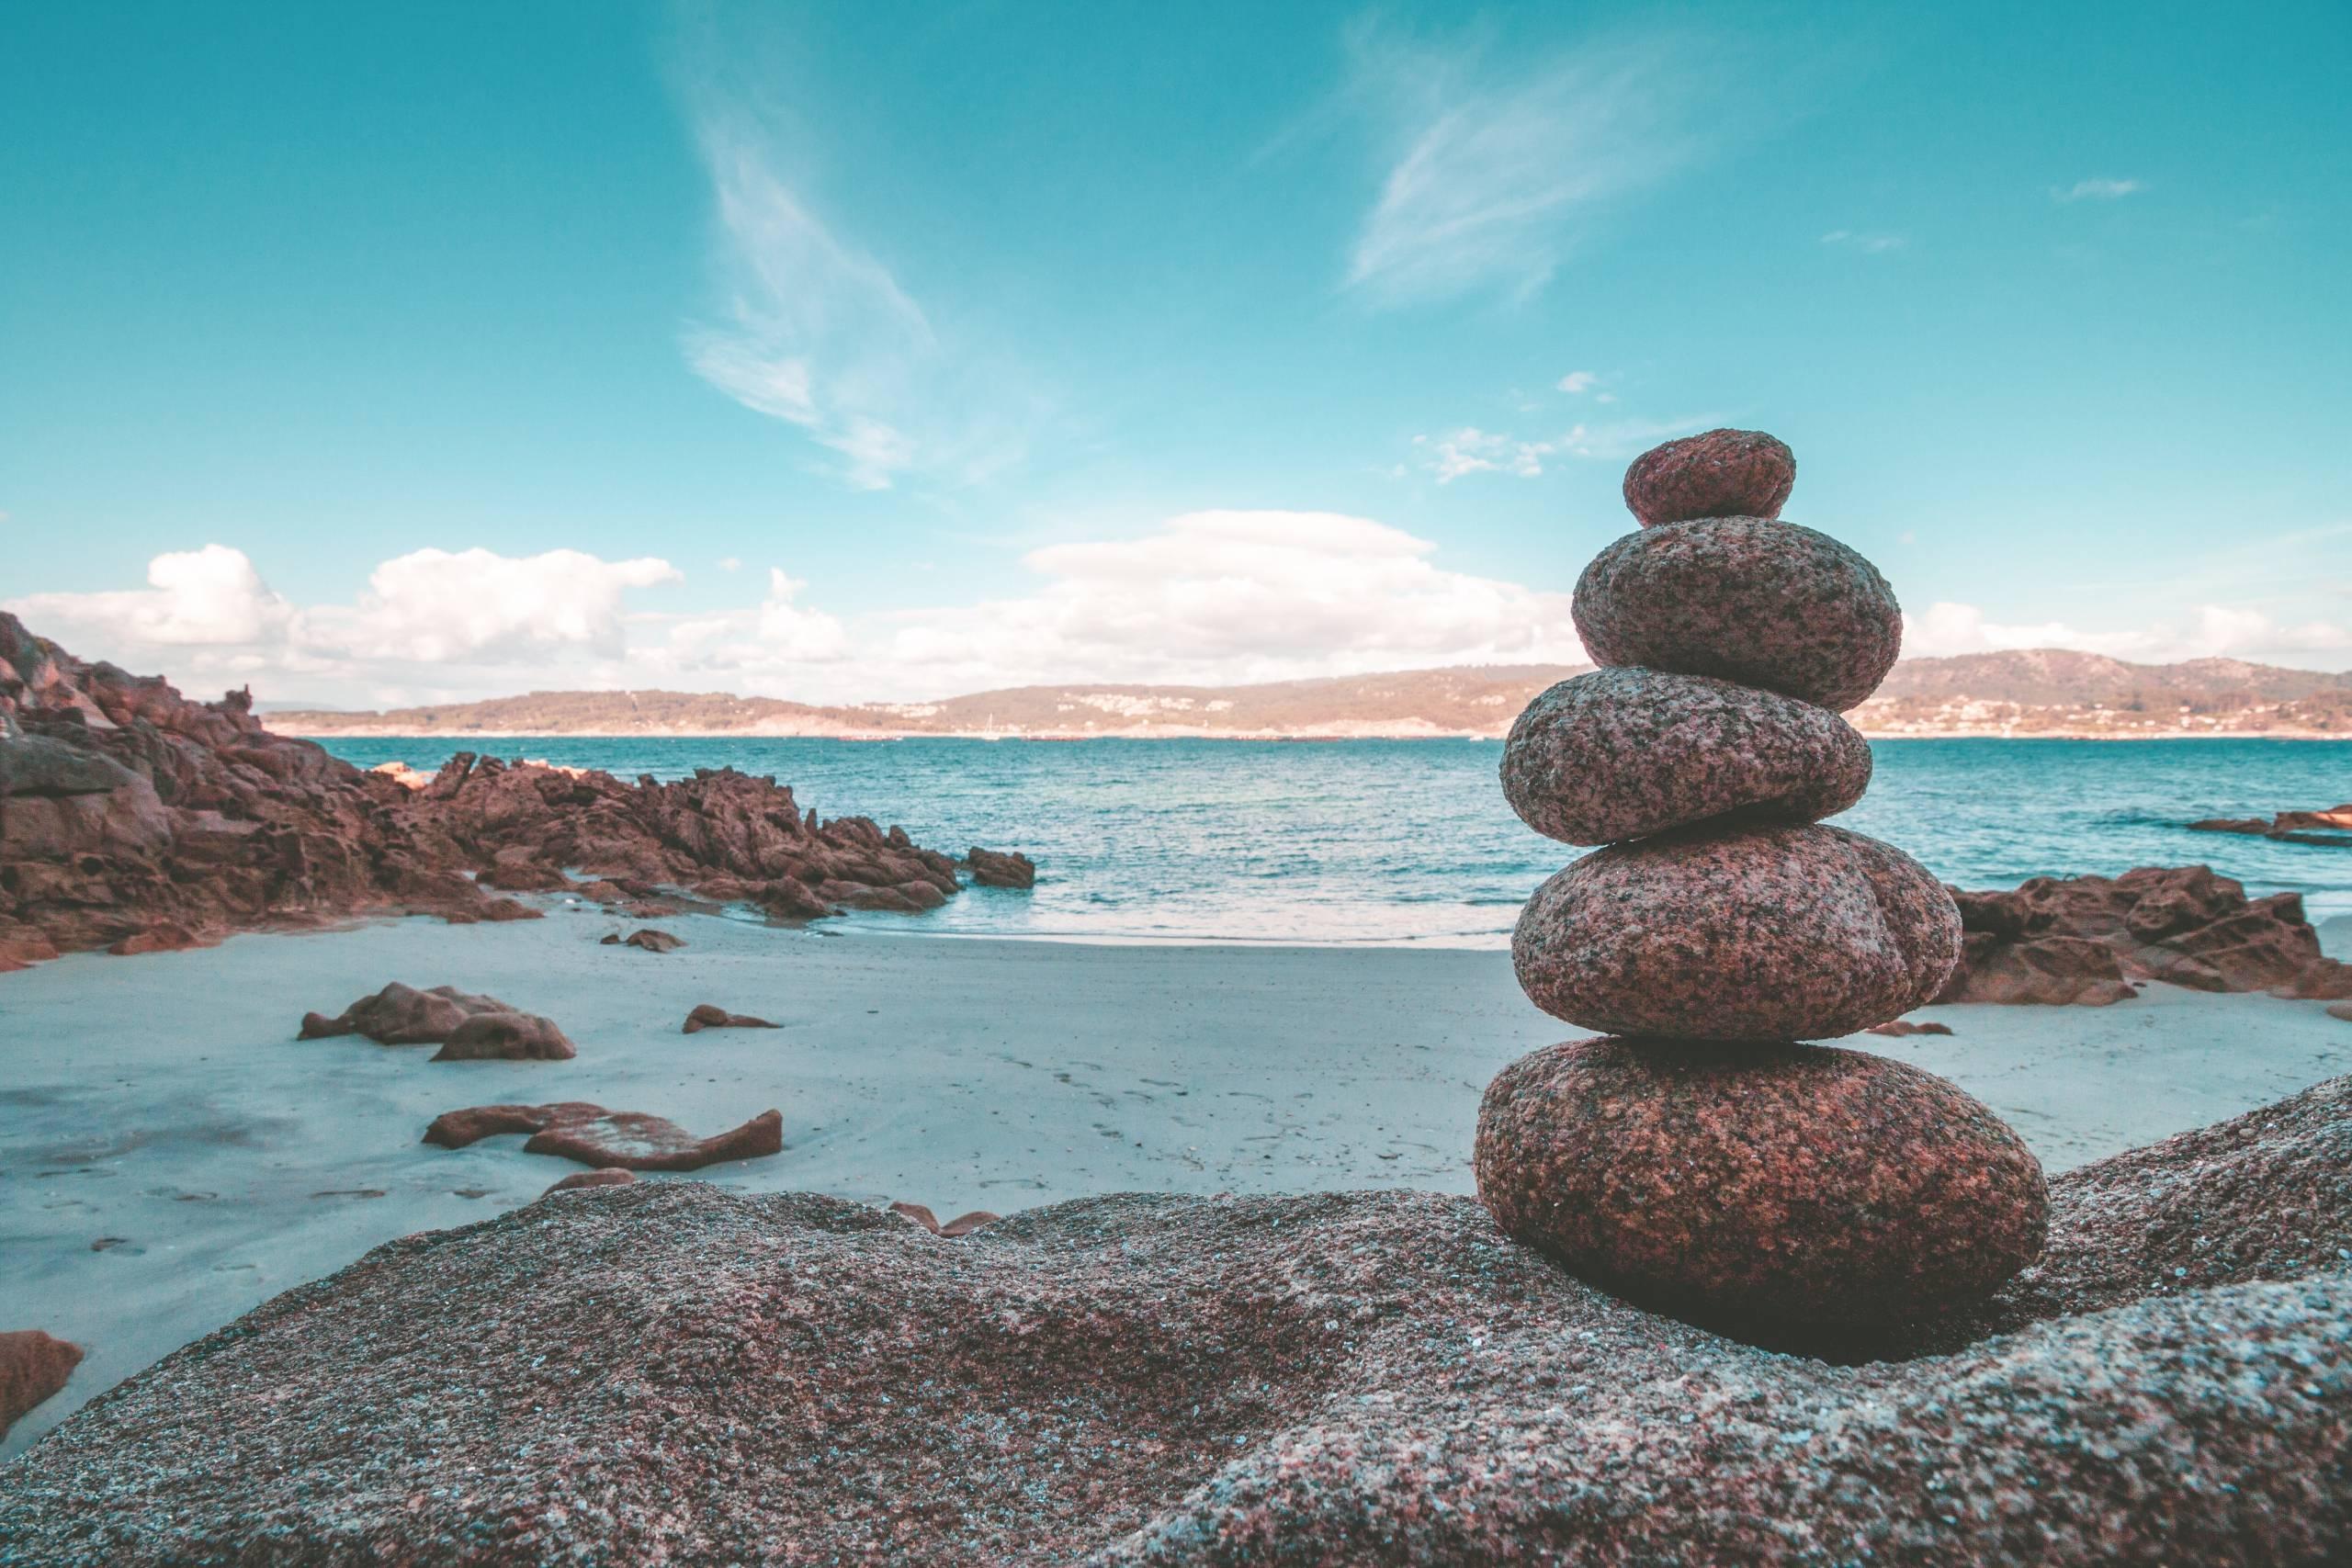 Mindfulness: portare il focus attentivo sul presente.